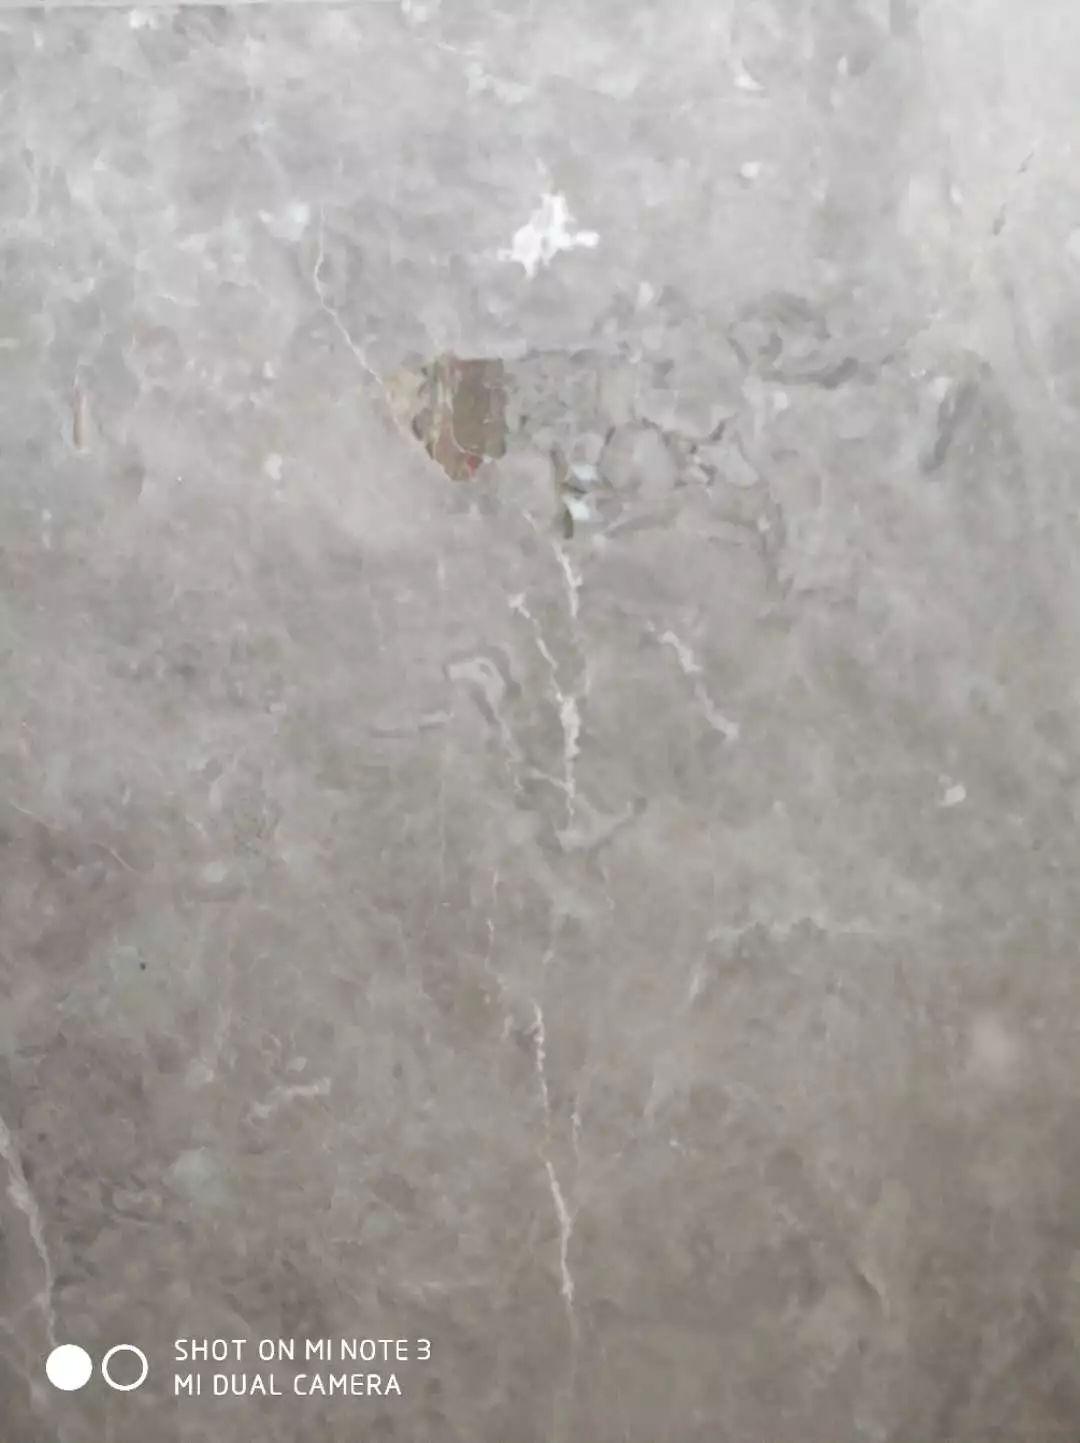 华润旗下千万豪宅被投诉质量问题:墙面一敲掉一大块